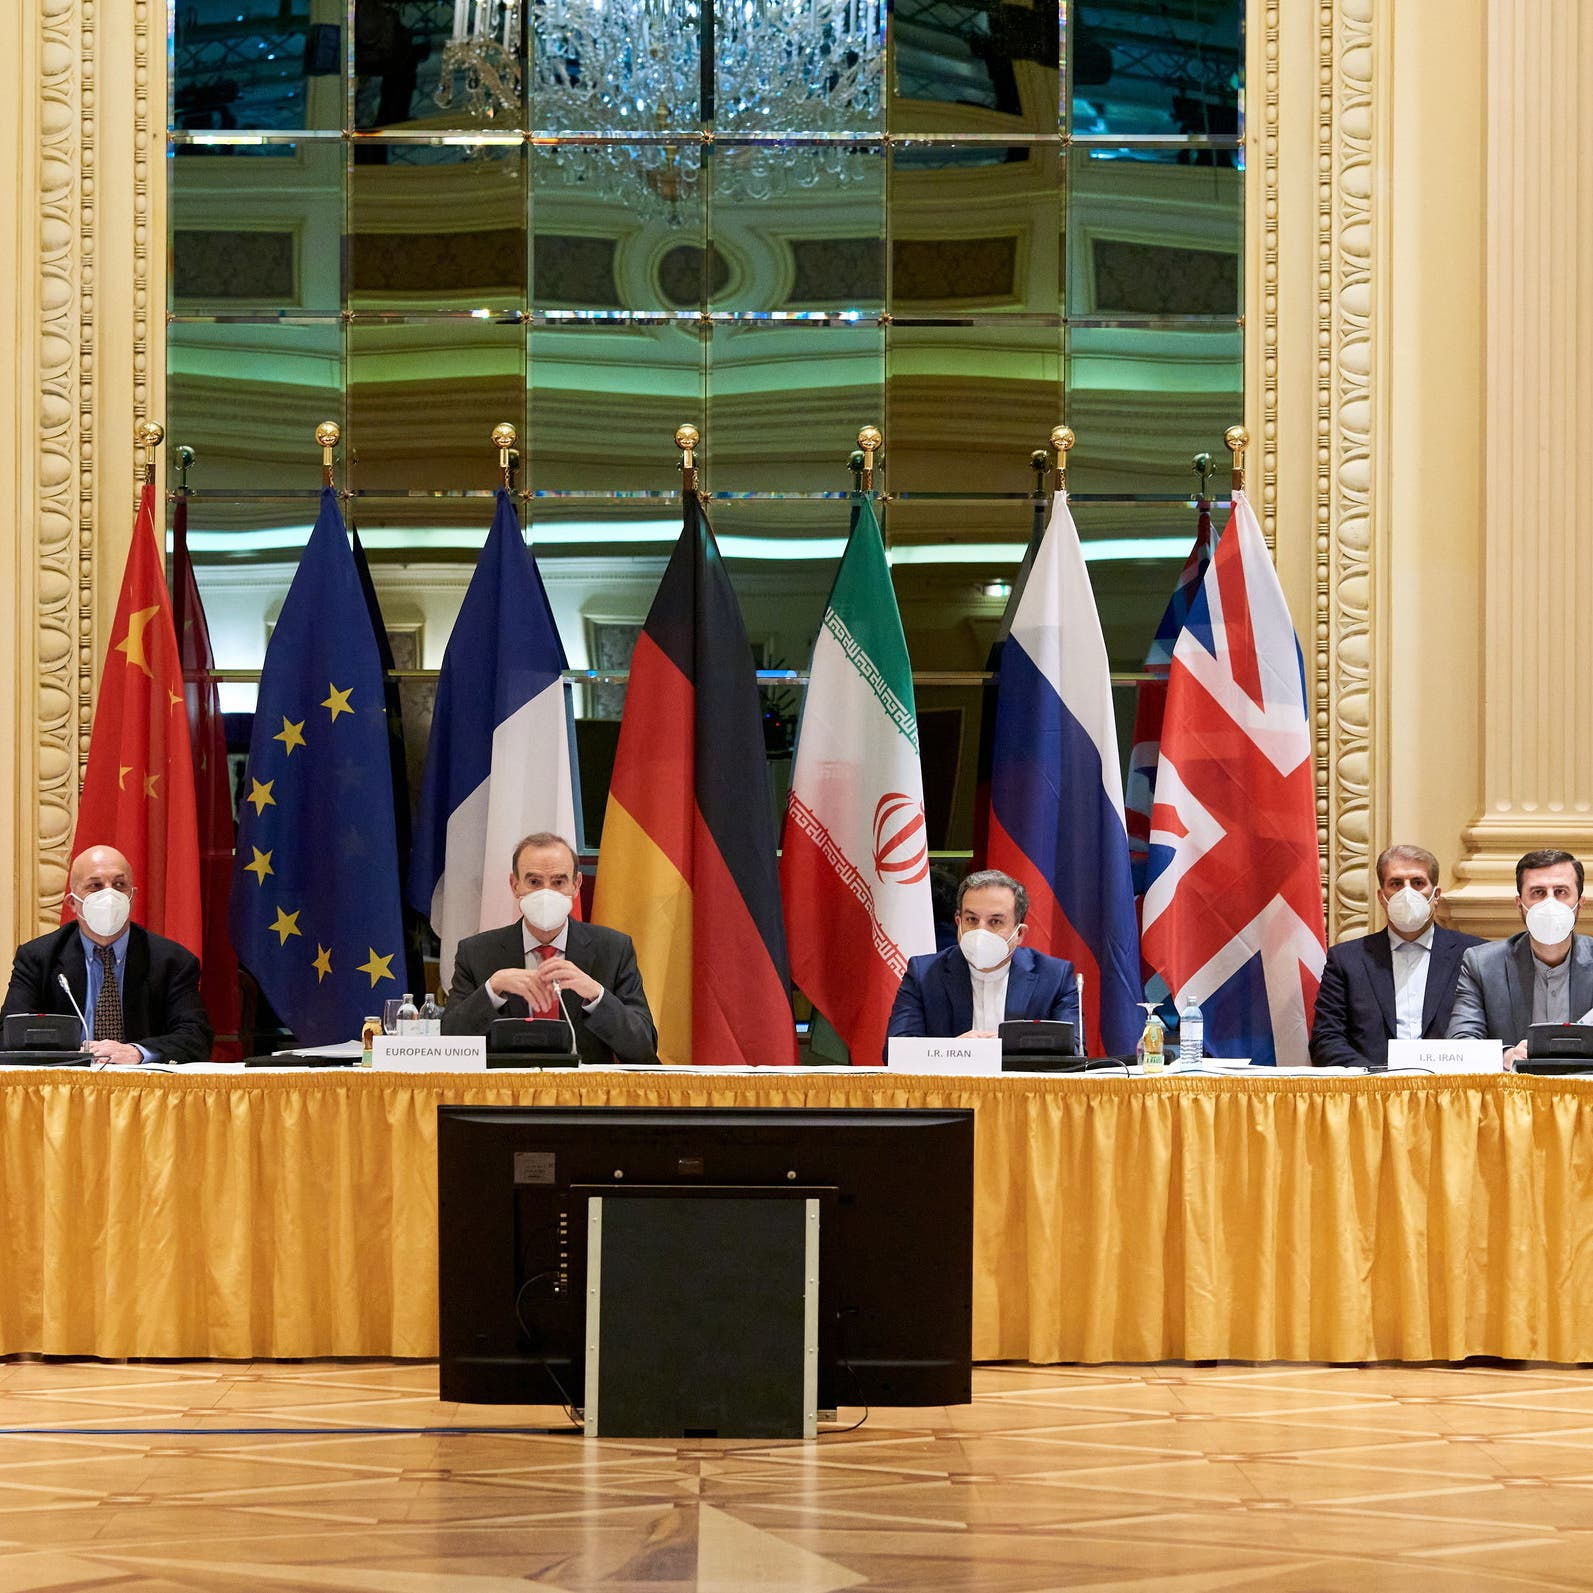 إيران: إدارة بايدن ملتزمة بعقوبات ترمب أكثر من الاتفاق النووي مع أوباما